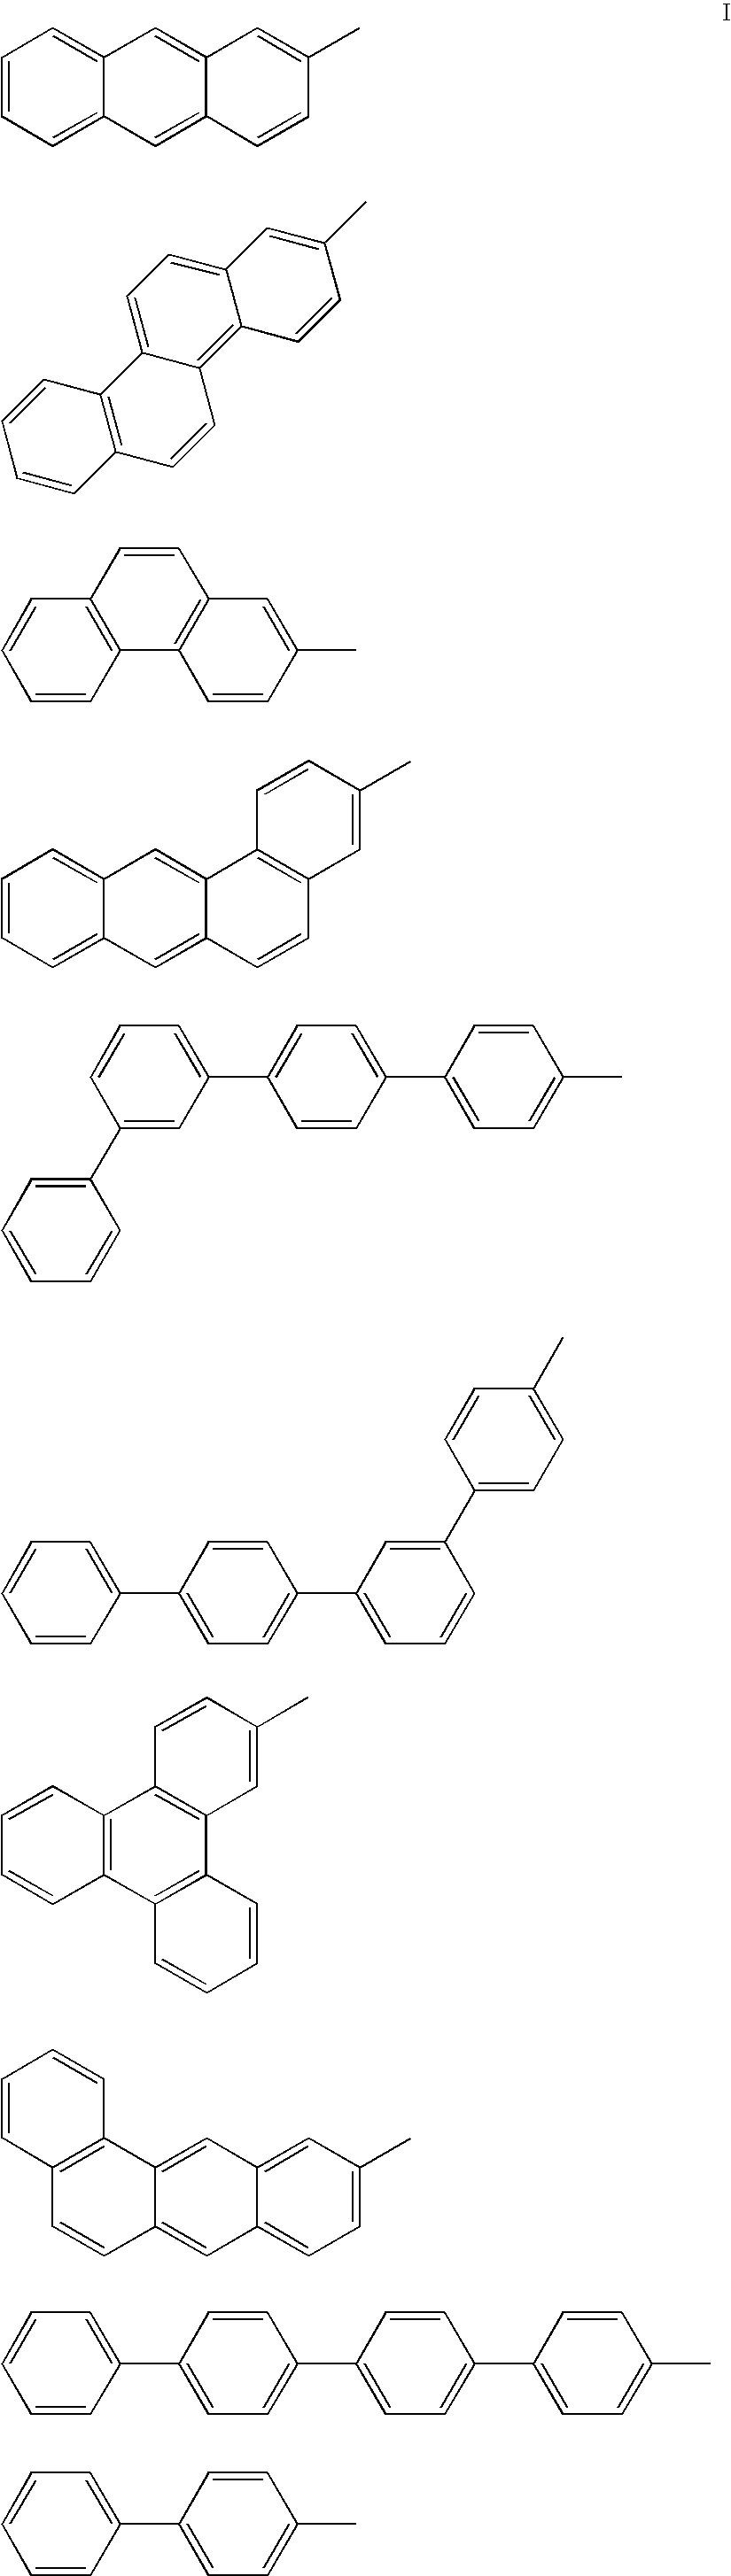 Figure US20070244276A1-20071018-C00003